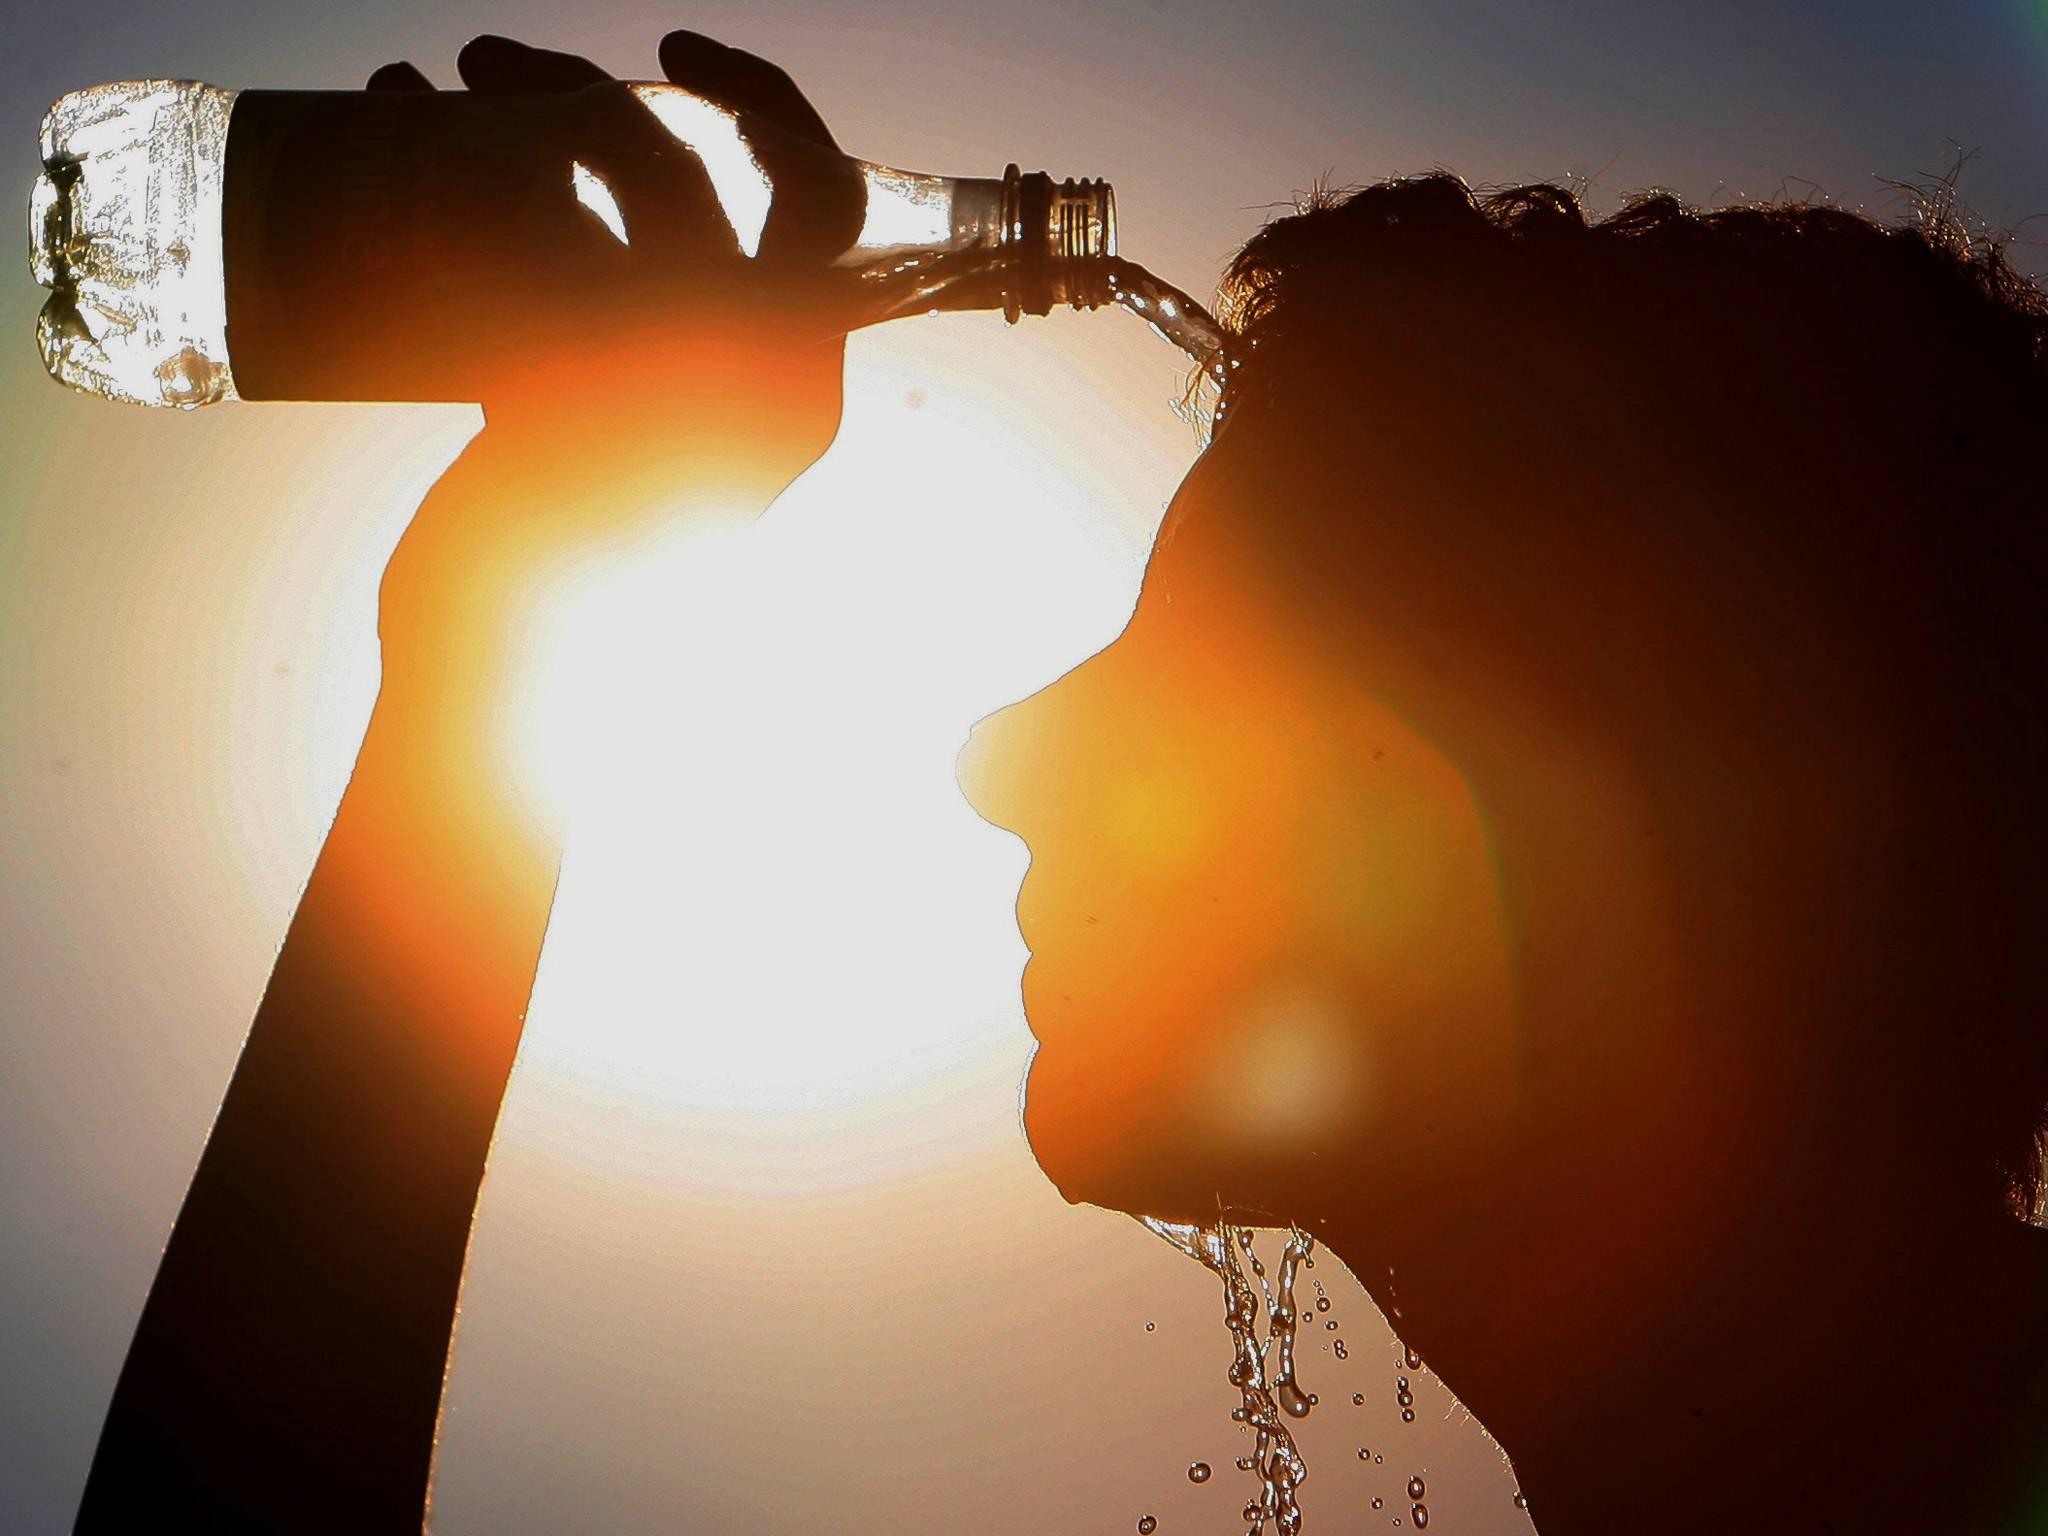 6 consigli per sopravvivere all'afa estiva notturna senza aria condizionata